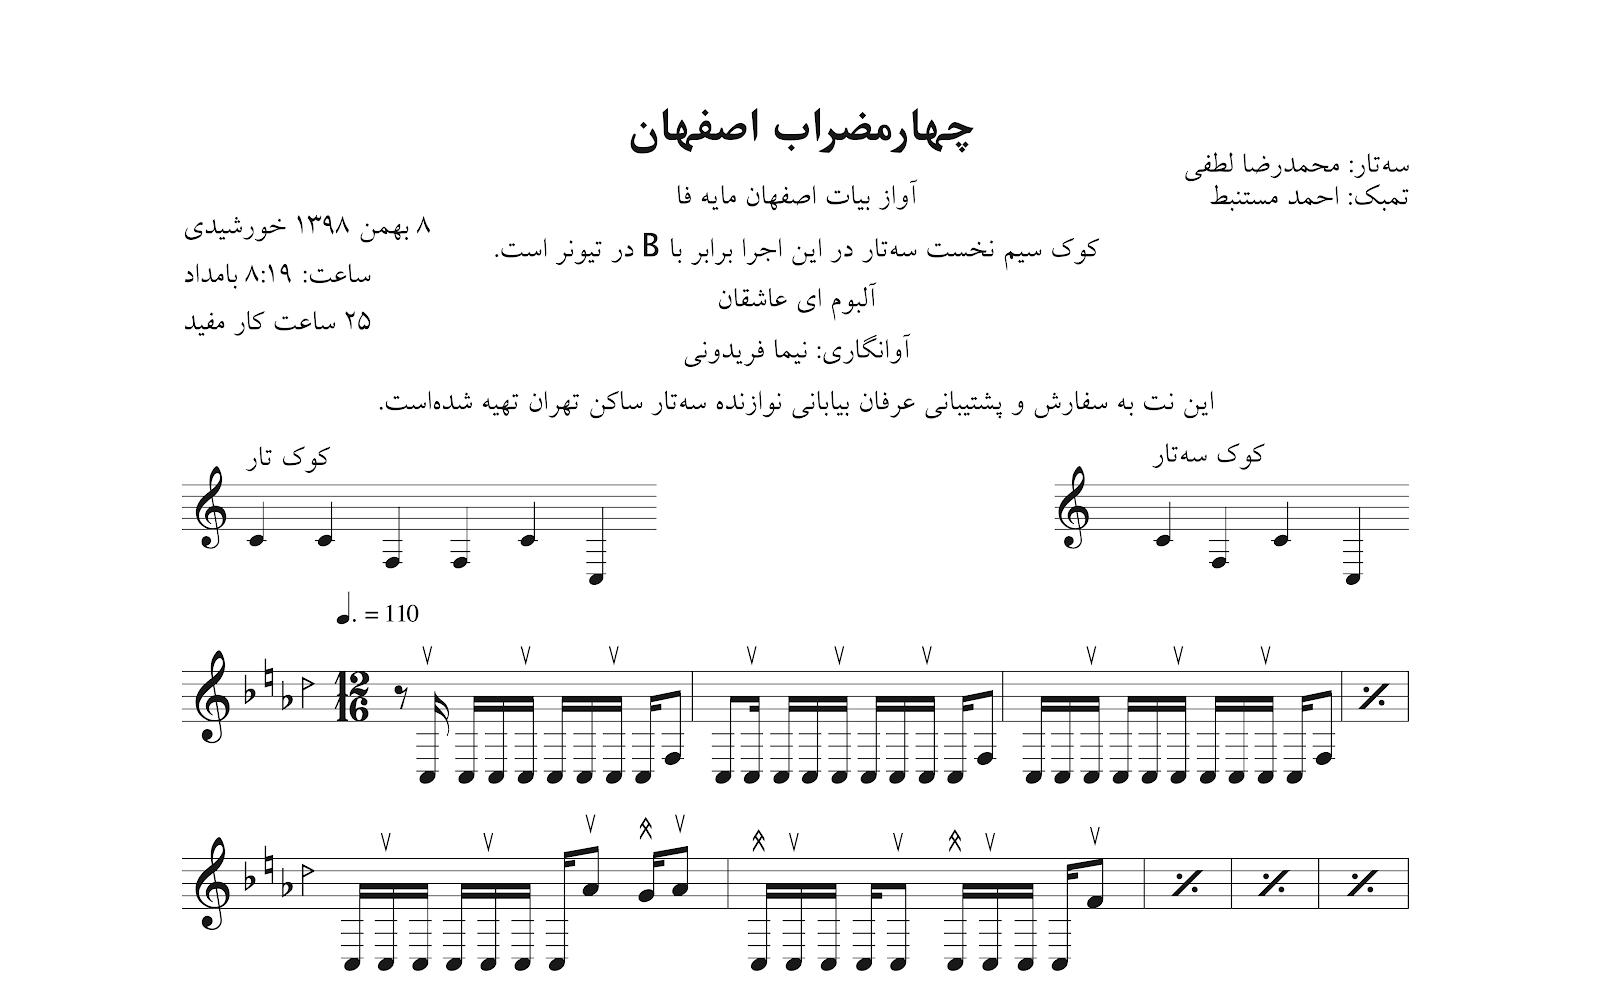 نت چهارمضراب اصفهان محمدرضا لطفی آلبوم ای عاشقان آوانگاری نیما فریدونی